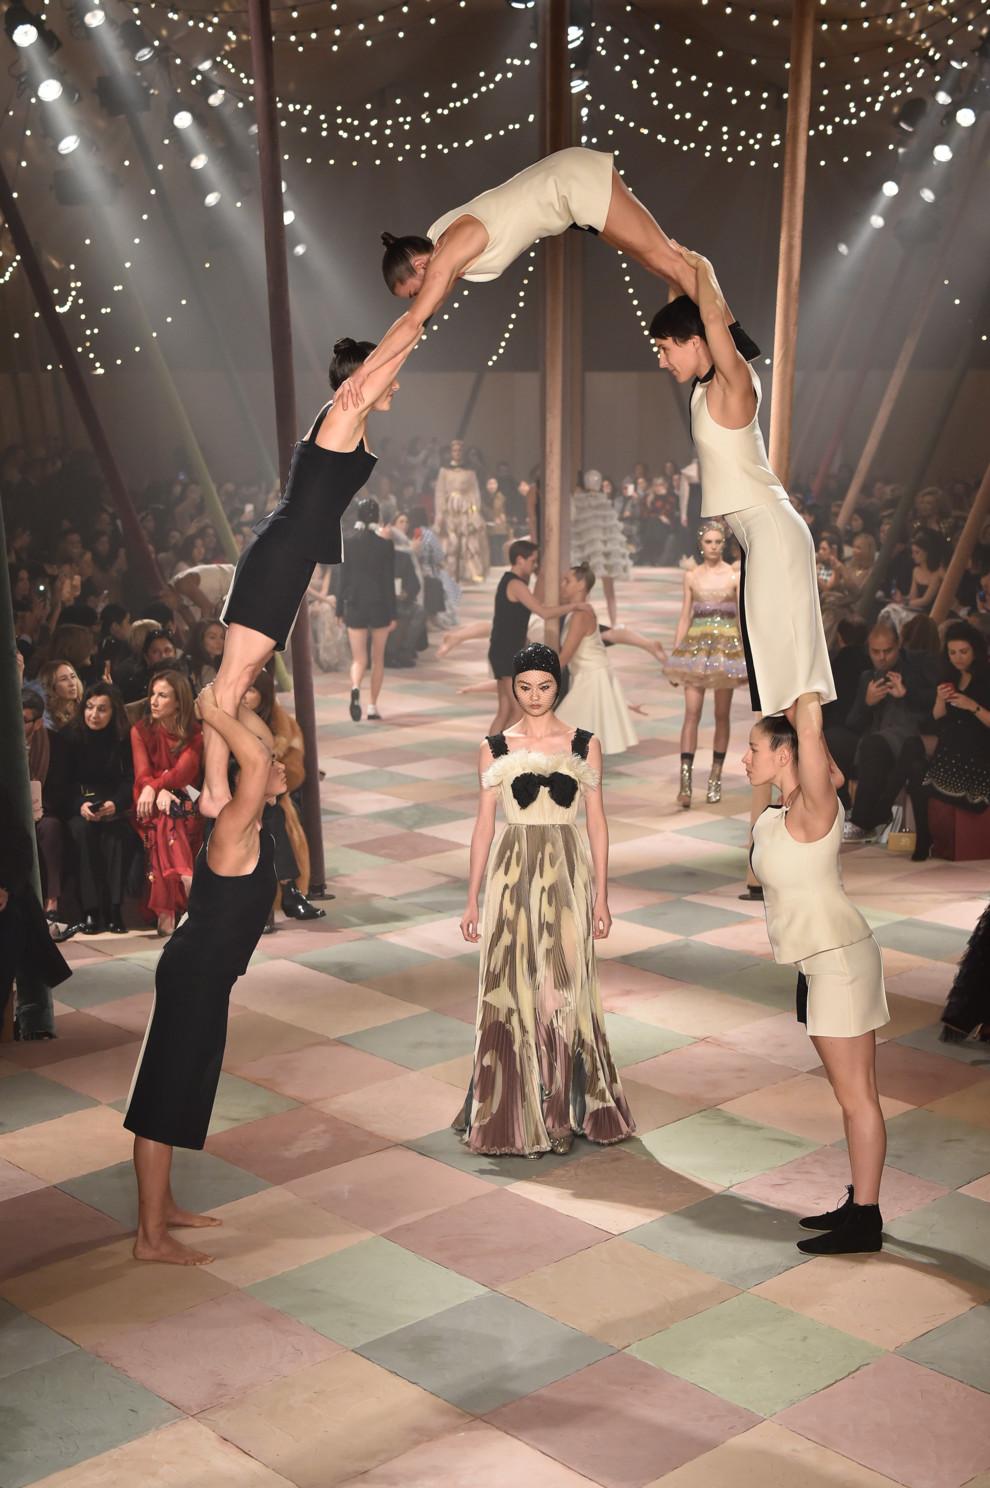 5c46dc53ec7ff - Плечом к плечу: Dior Couture весна-лето 2019